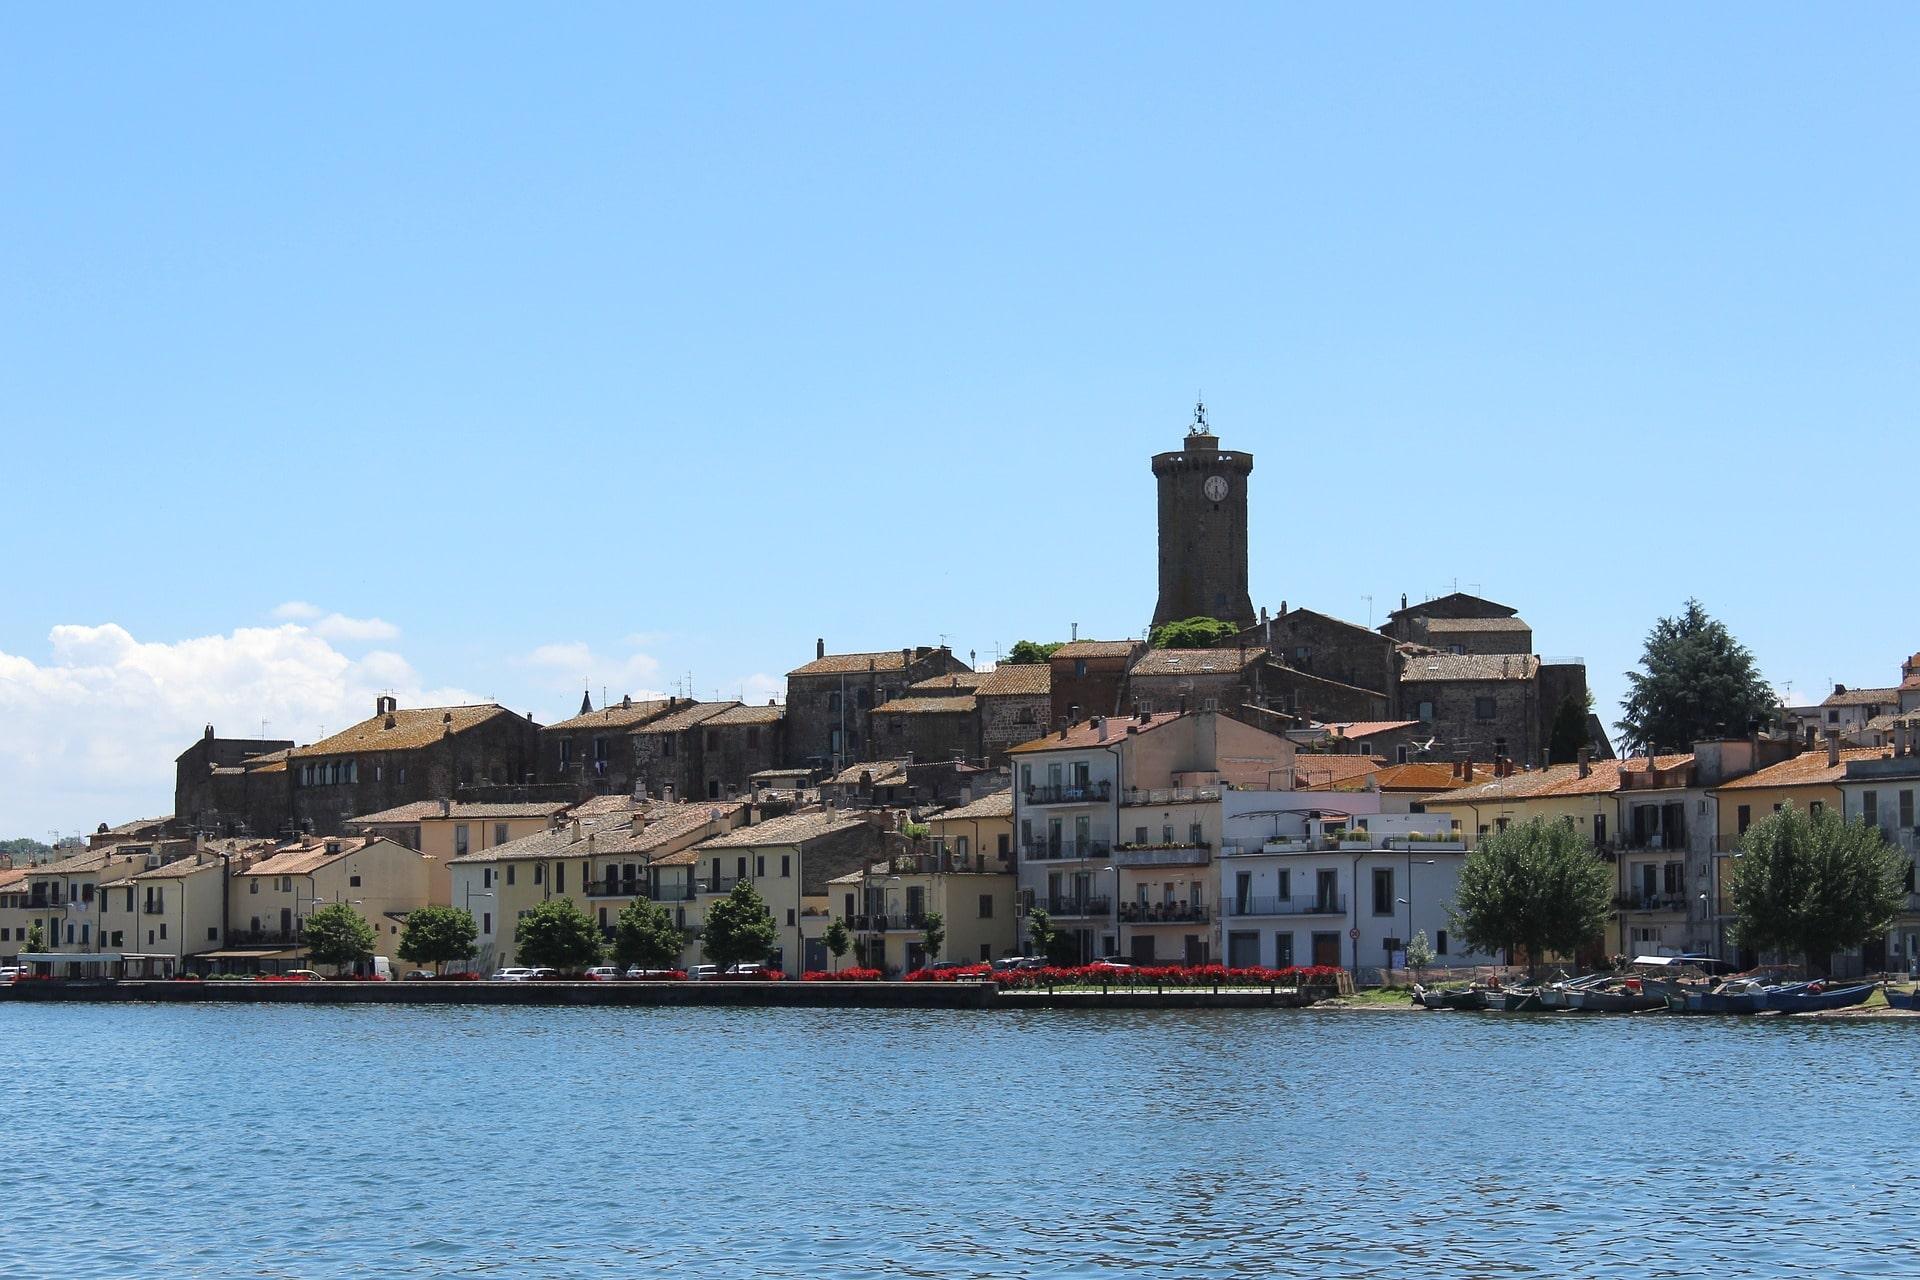 La vista completa su Marta con le sue casette e il bellissimo lungolago. In cima al borgo si staglia l'alta torre dell'orologio.